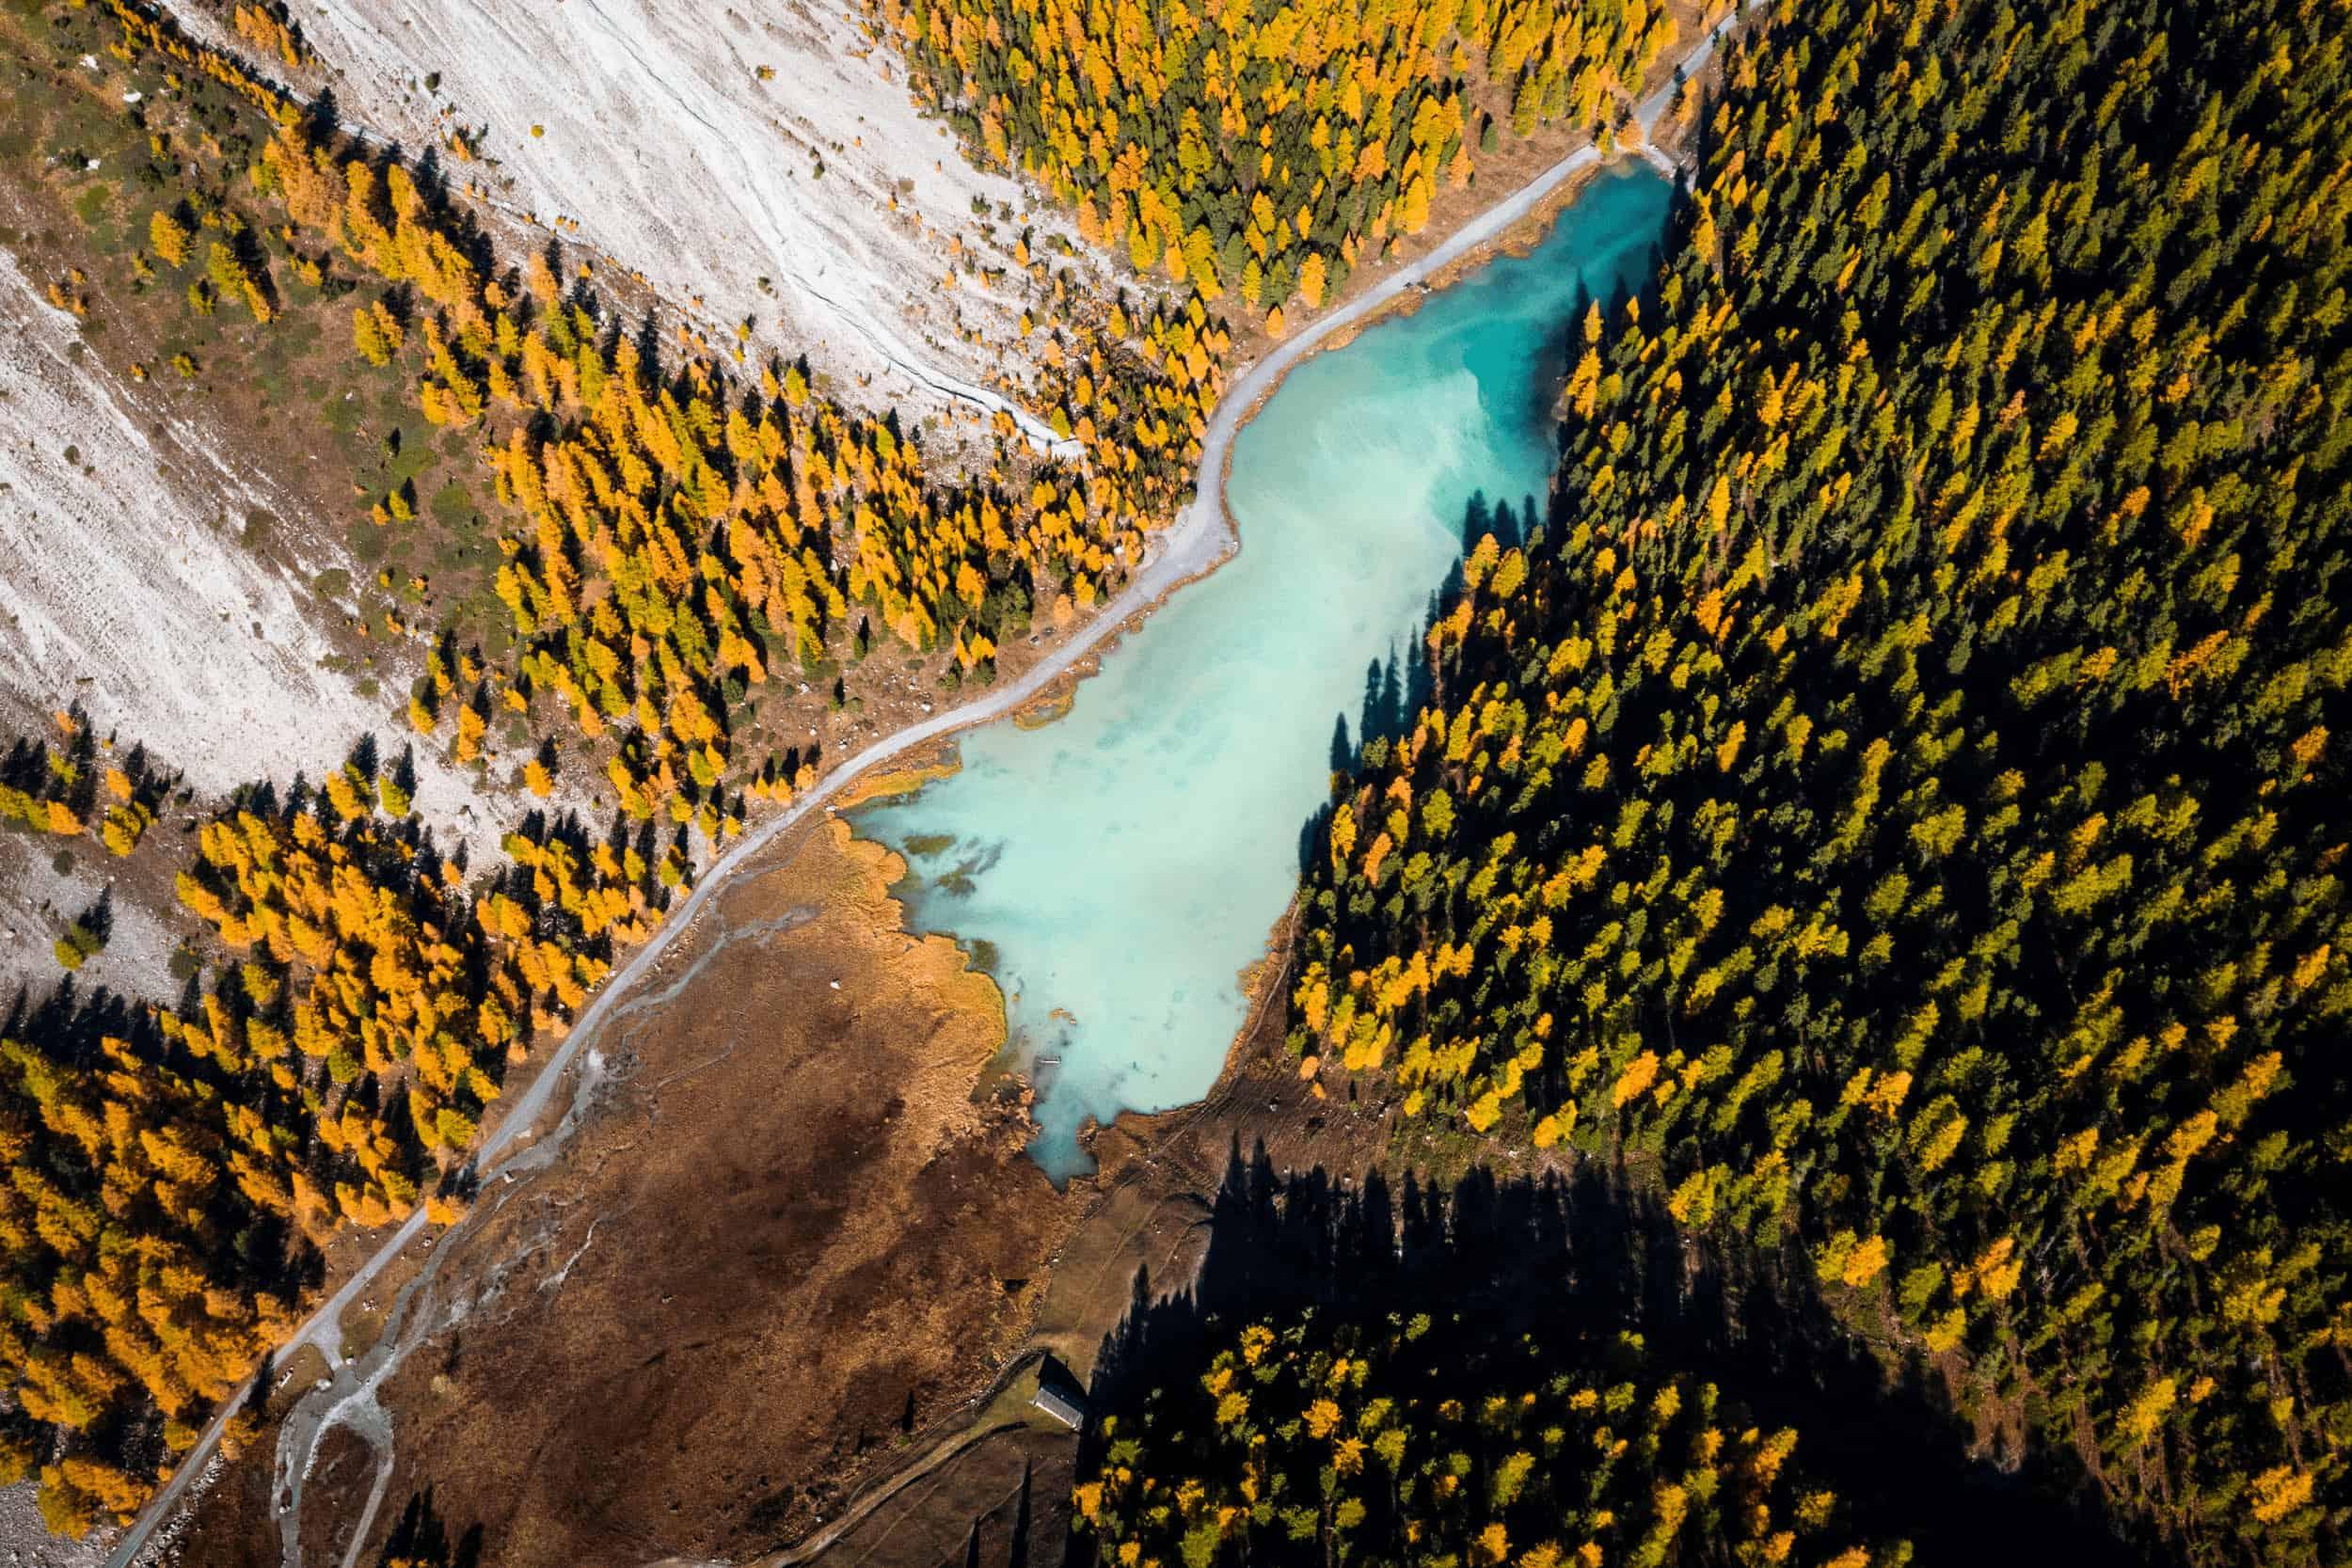 Lac de l'Orceyrette Briancon wild spot Inspiration créative pour amoureux de nature et de grands espaces photographie voyages découverte créative pour amoureux de nature et de grands espaces photographie voyages découverte